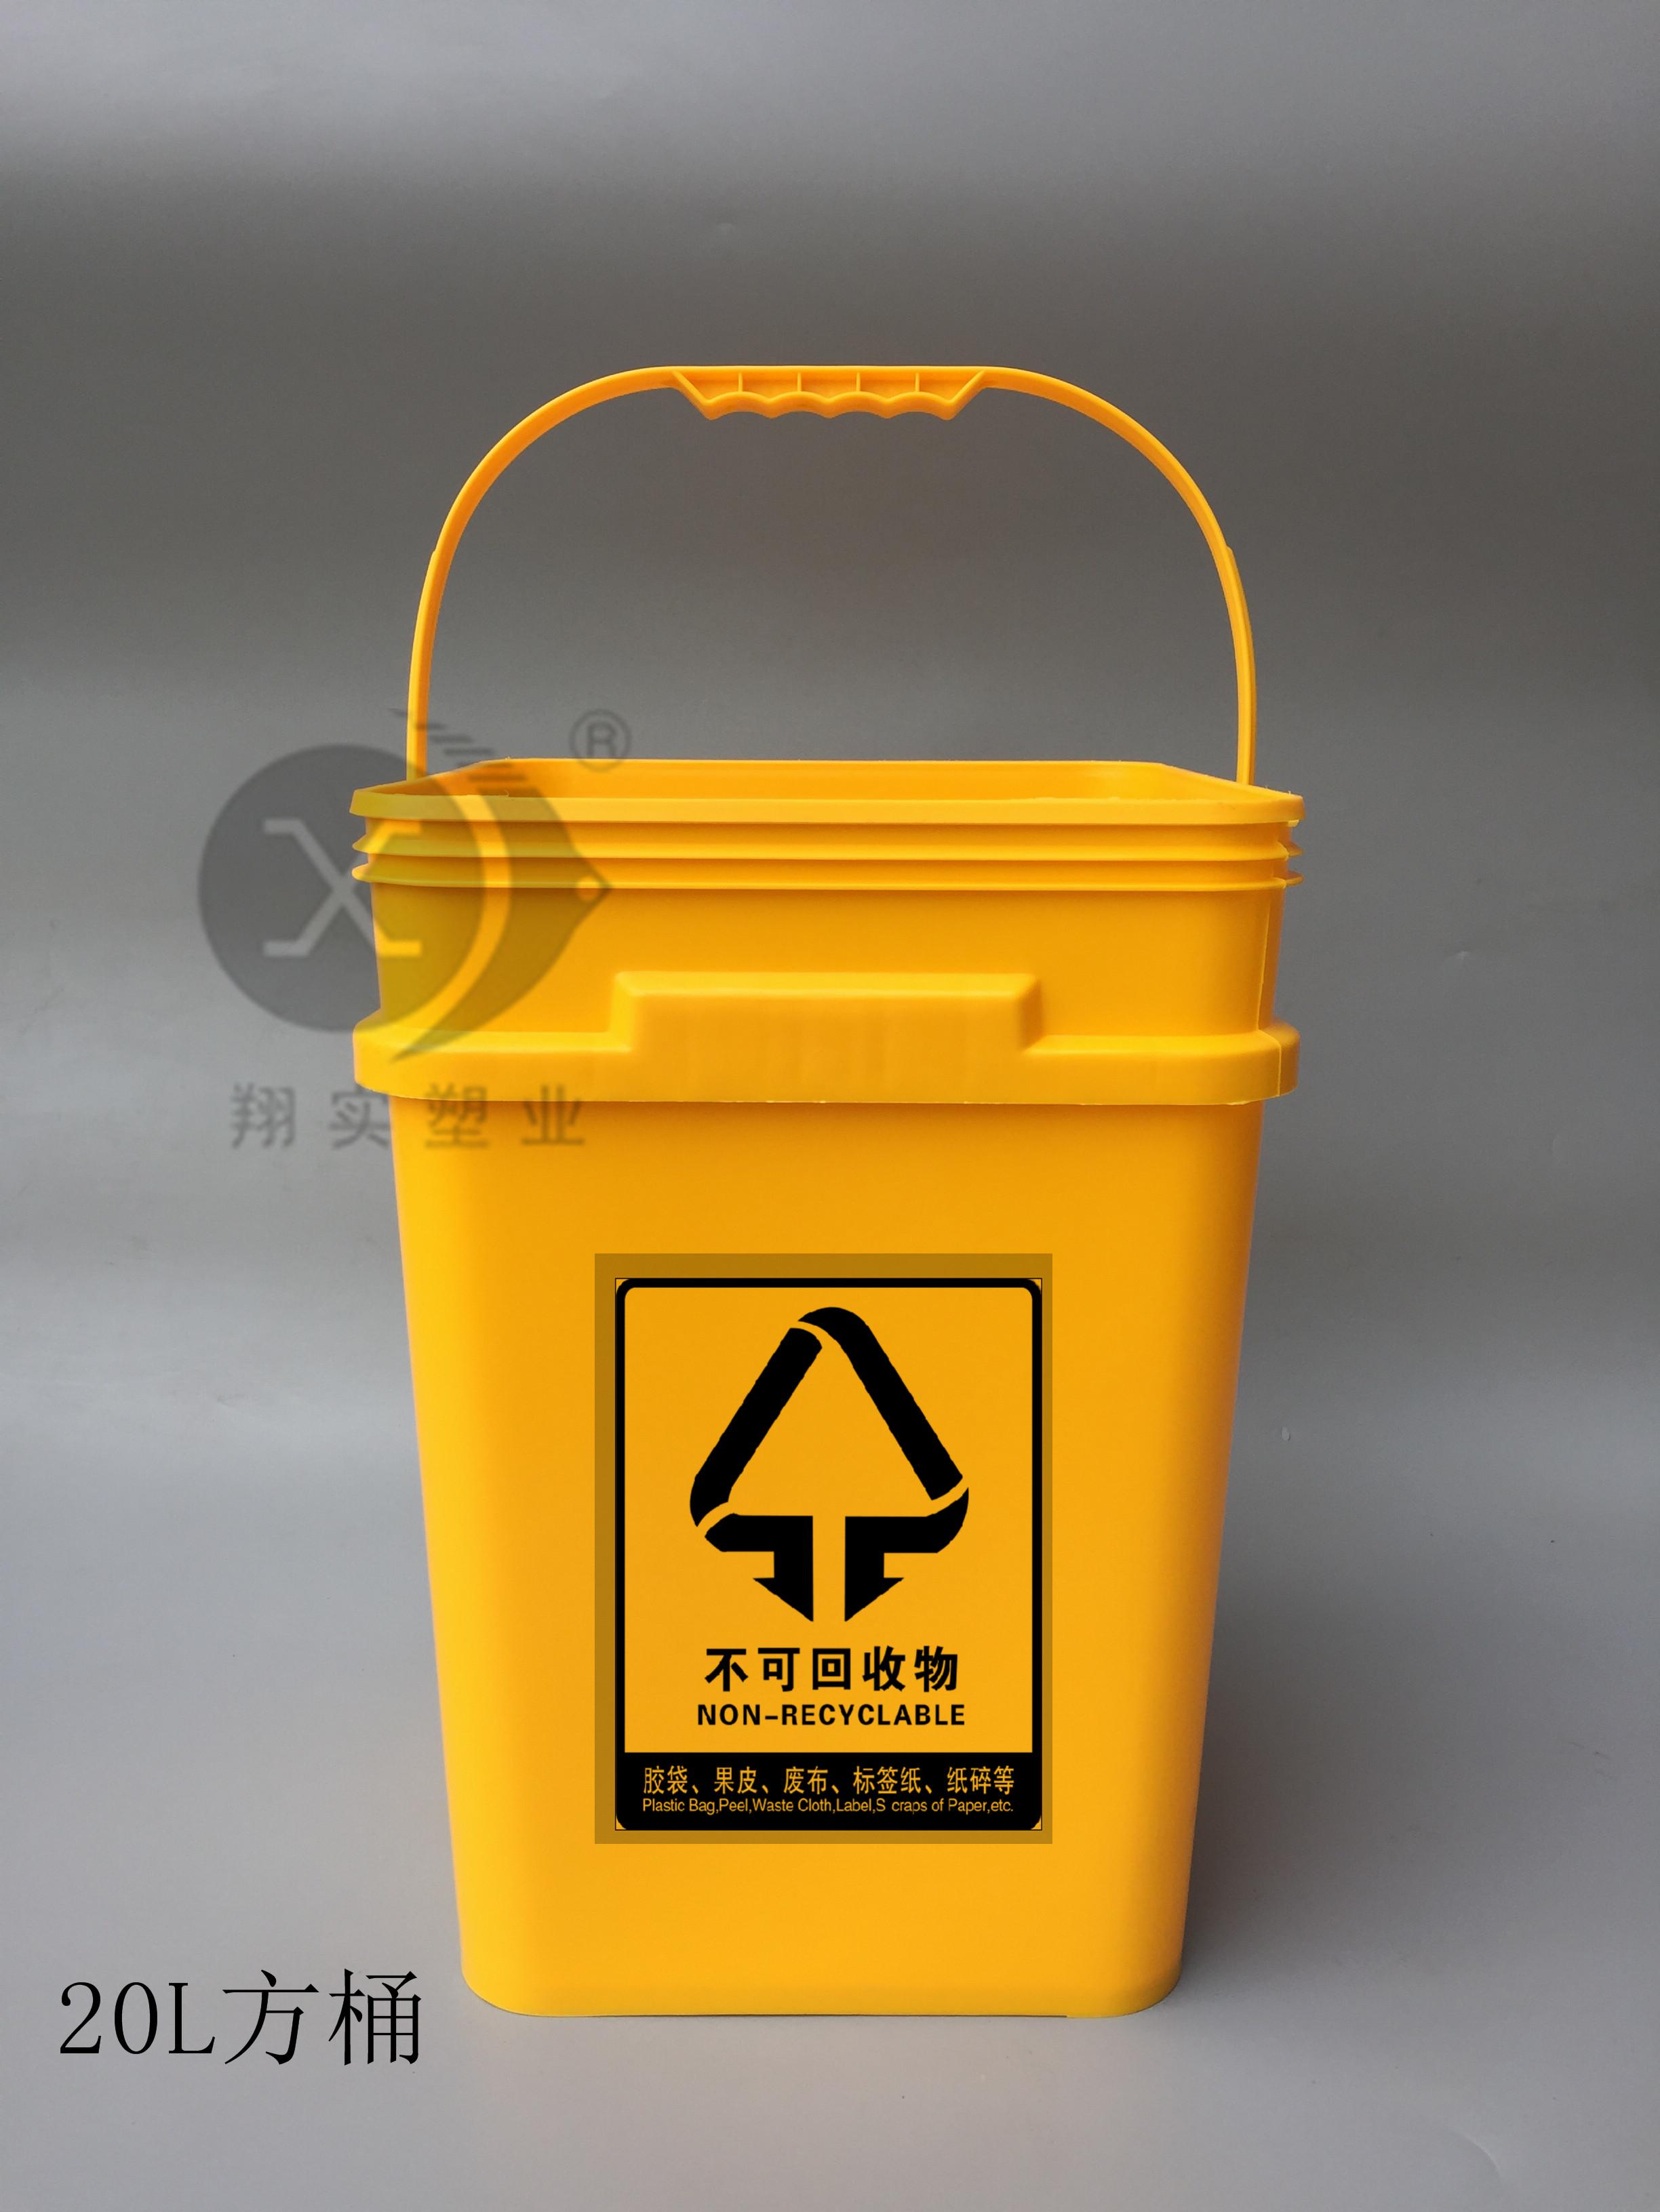 20L垃圾分类桶